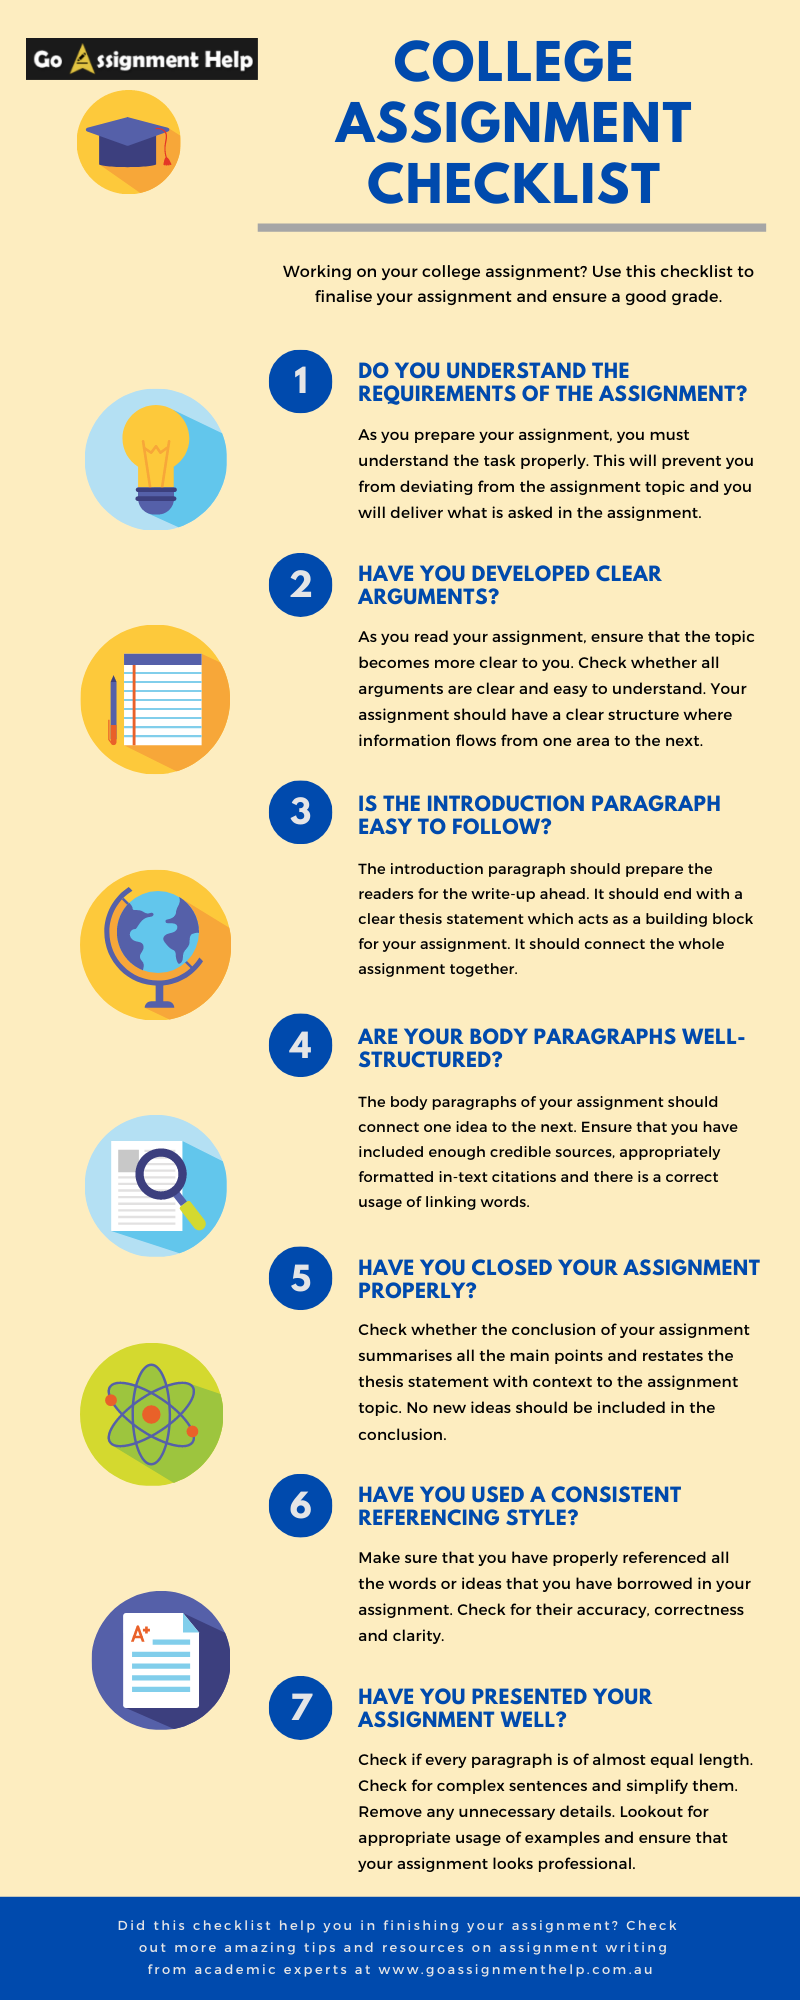 college-assignment-checklist-goassignmenthelp